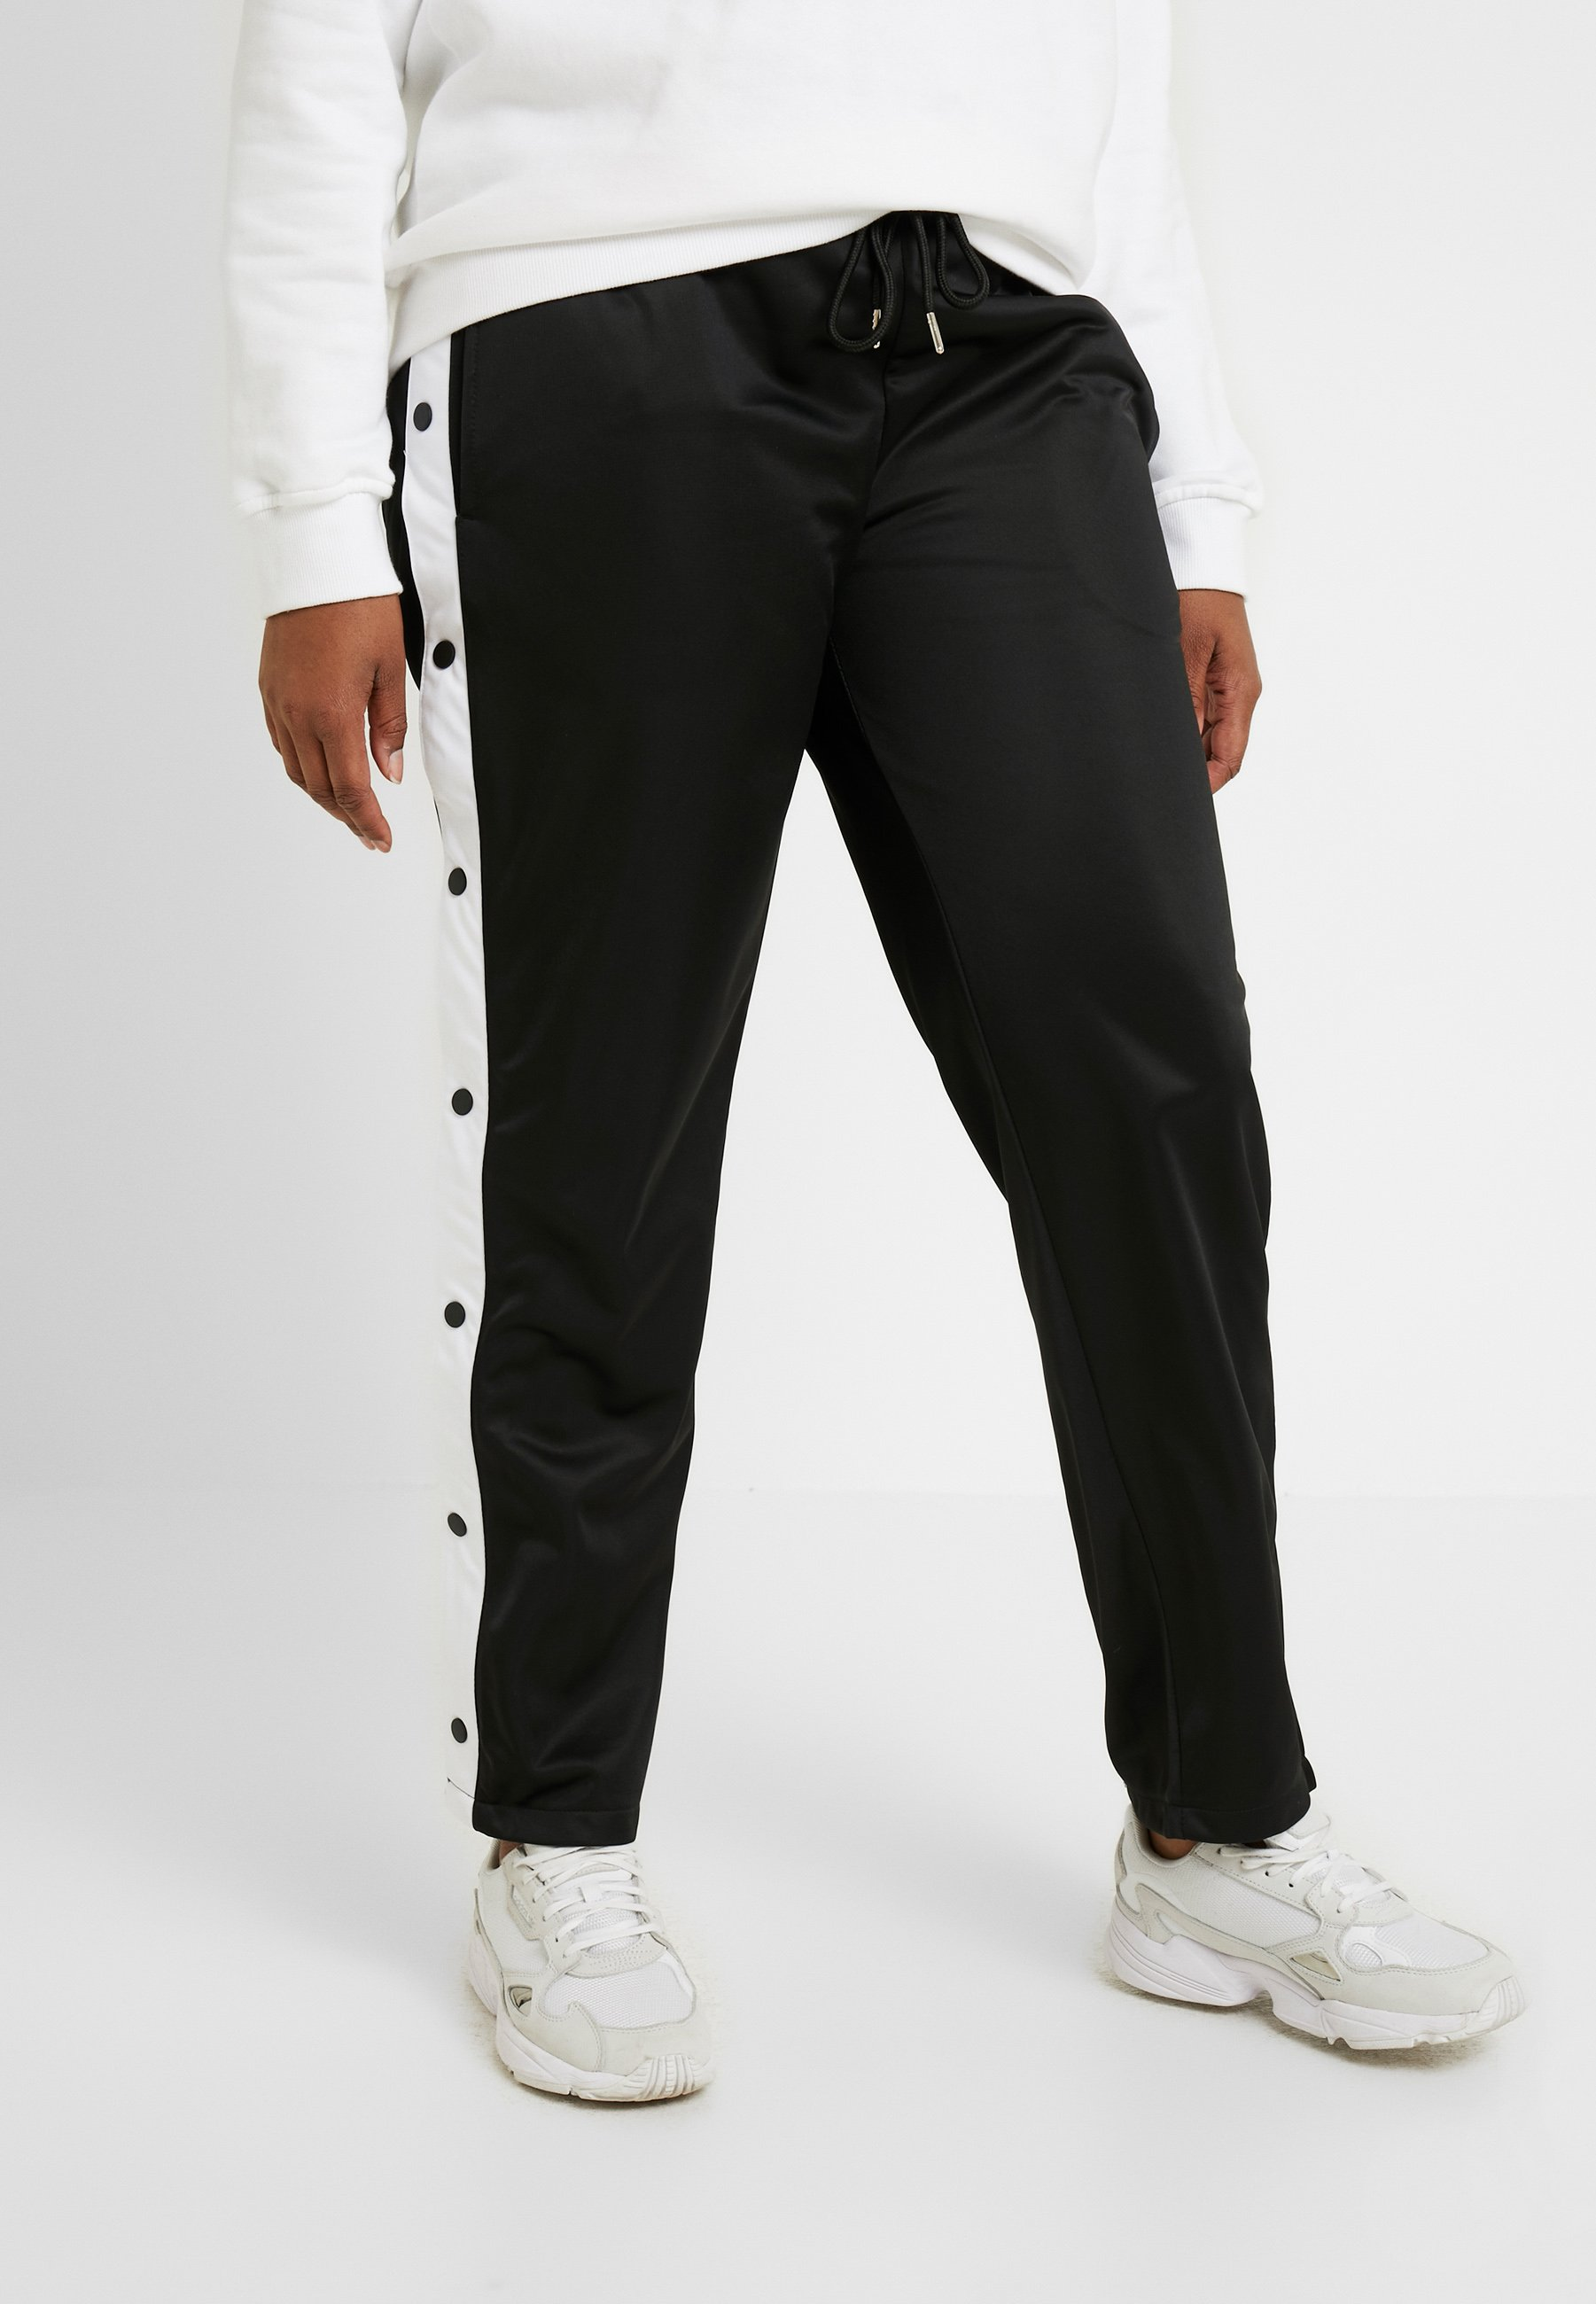 Damen LADIES BUTTON UP TRACK PANTS - Jogginghose